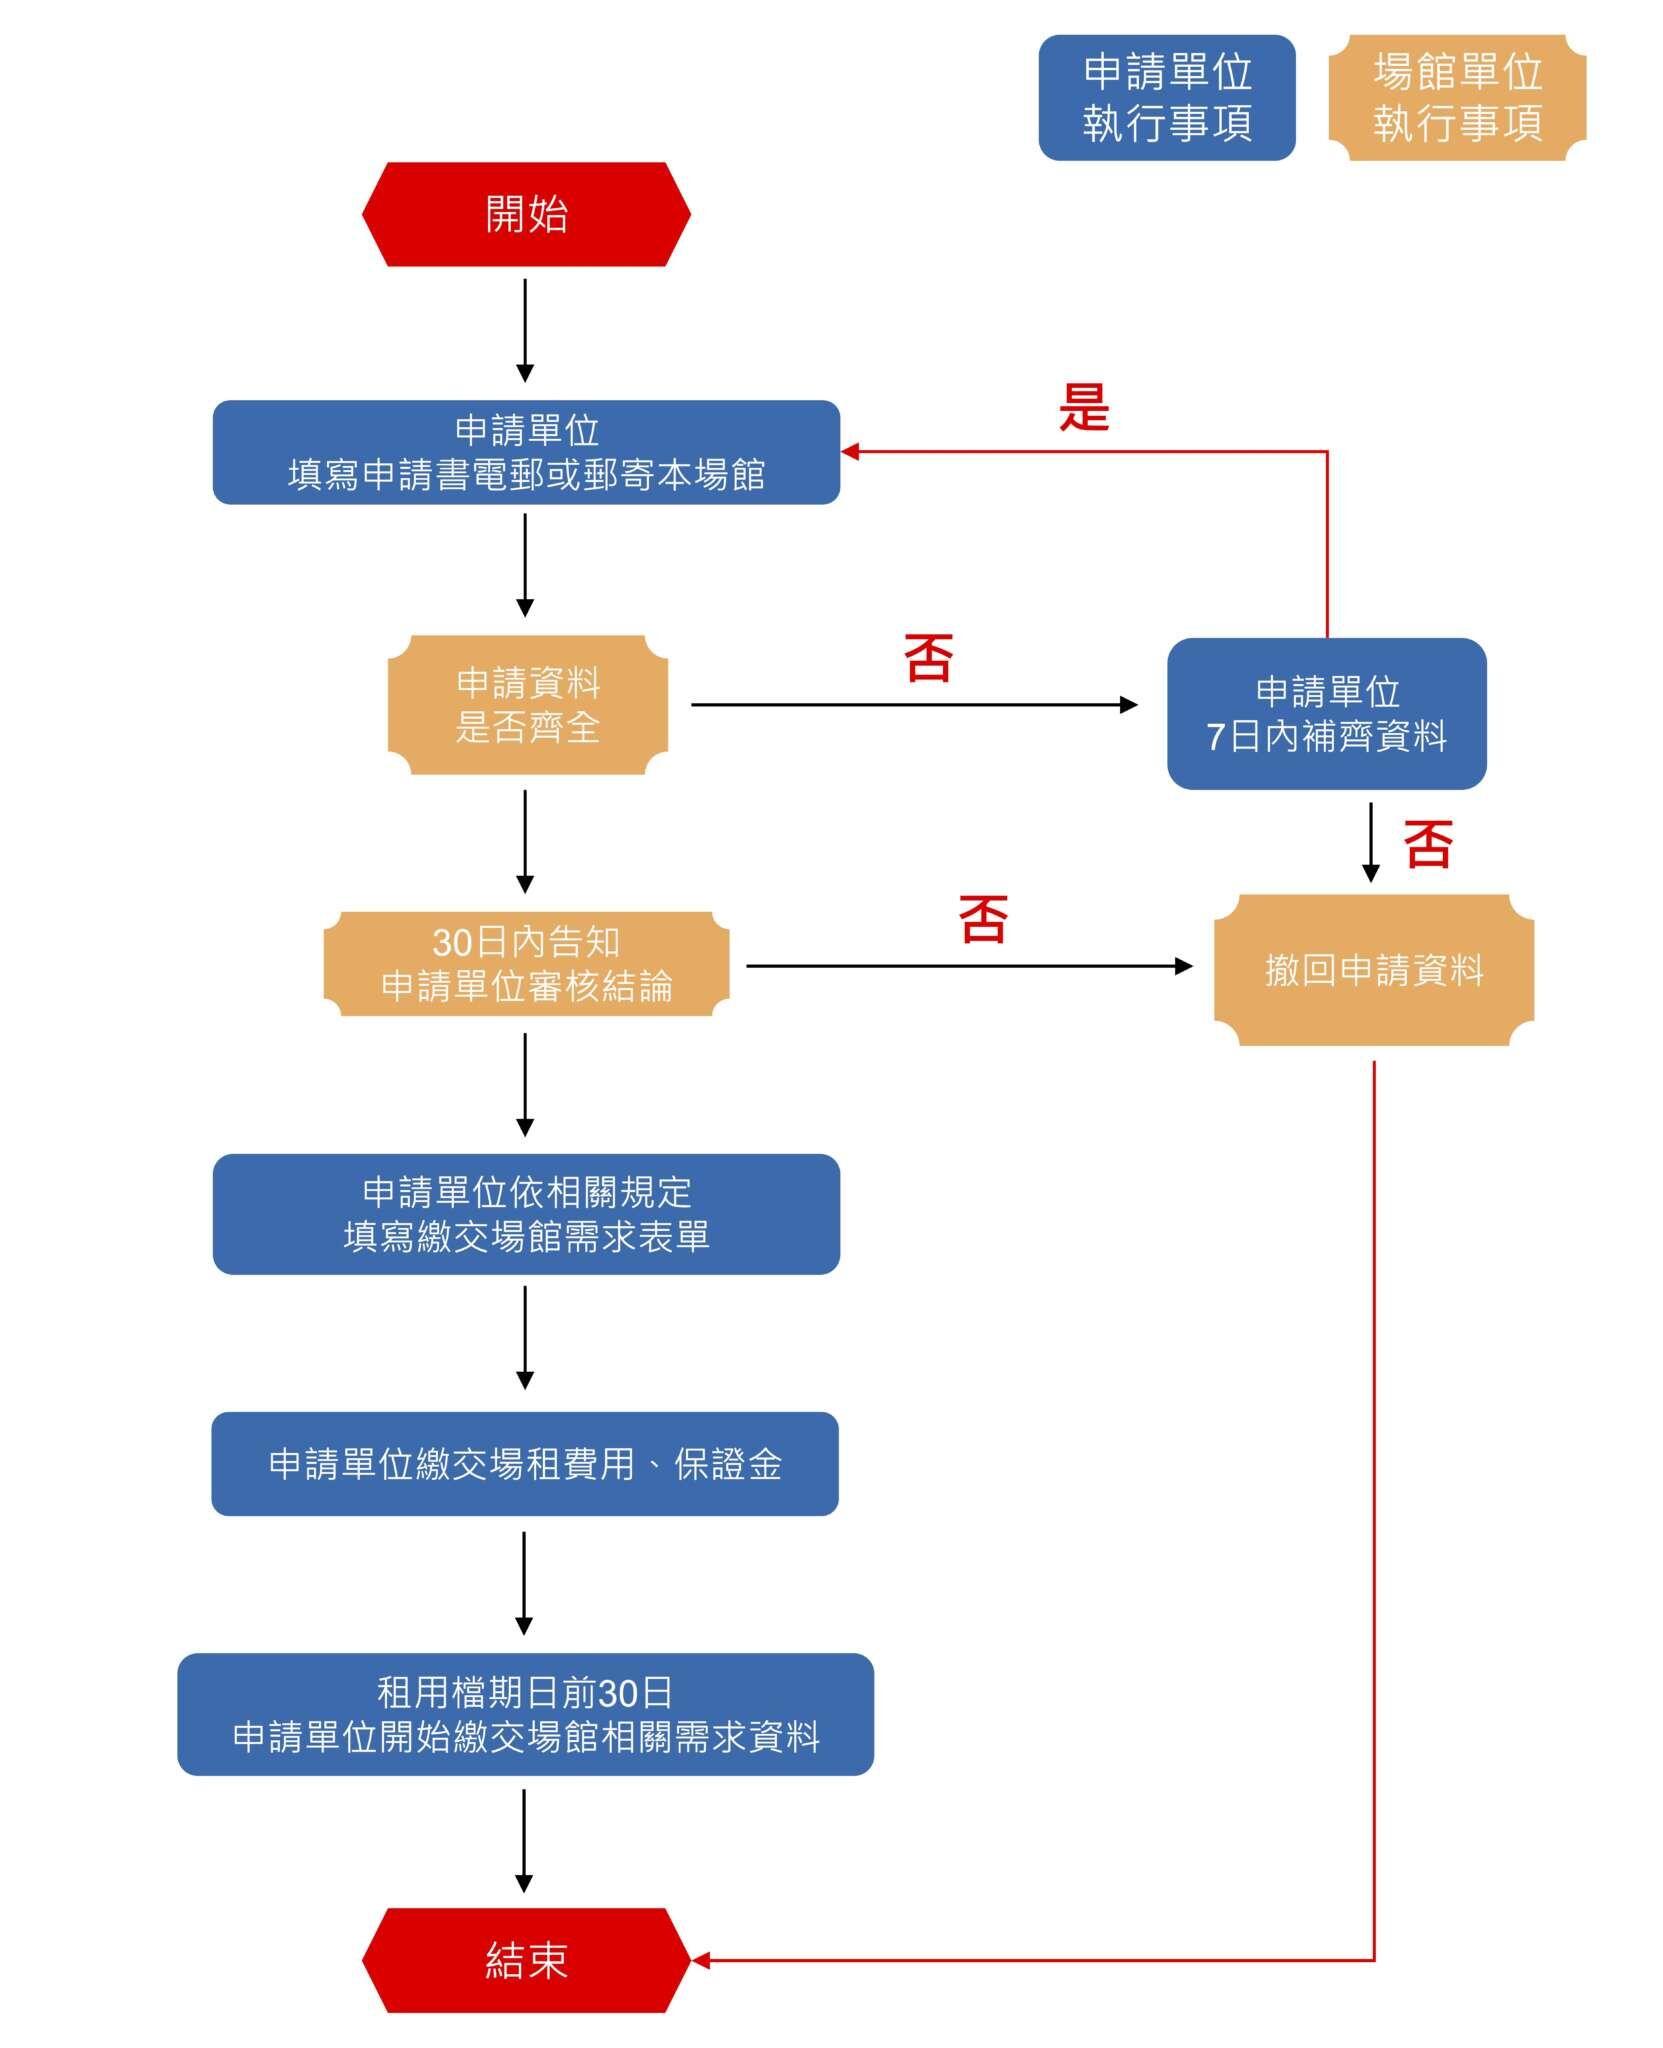 高雄市鳳山運動園區體育館租借申請流程2